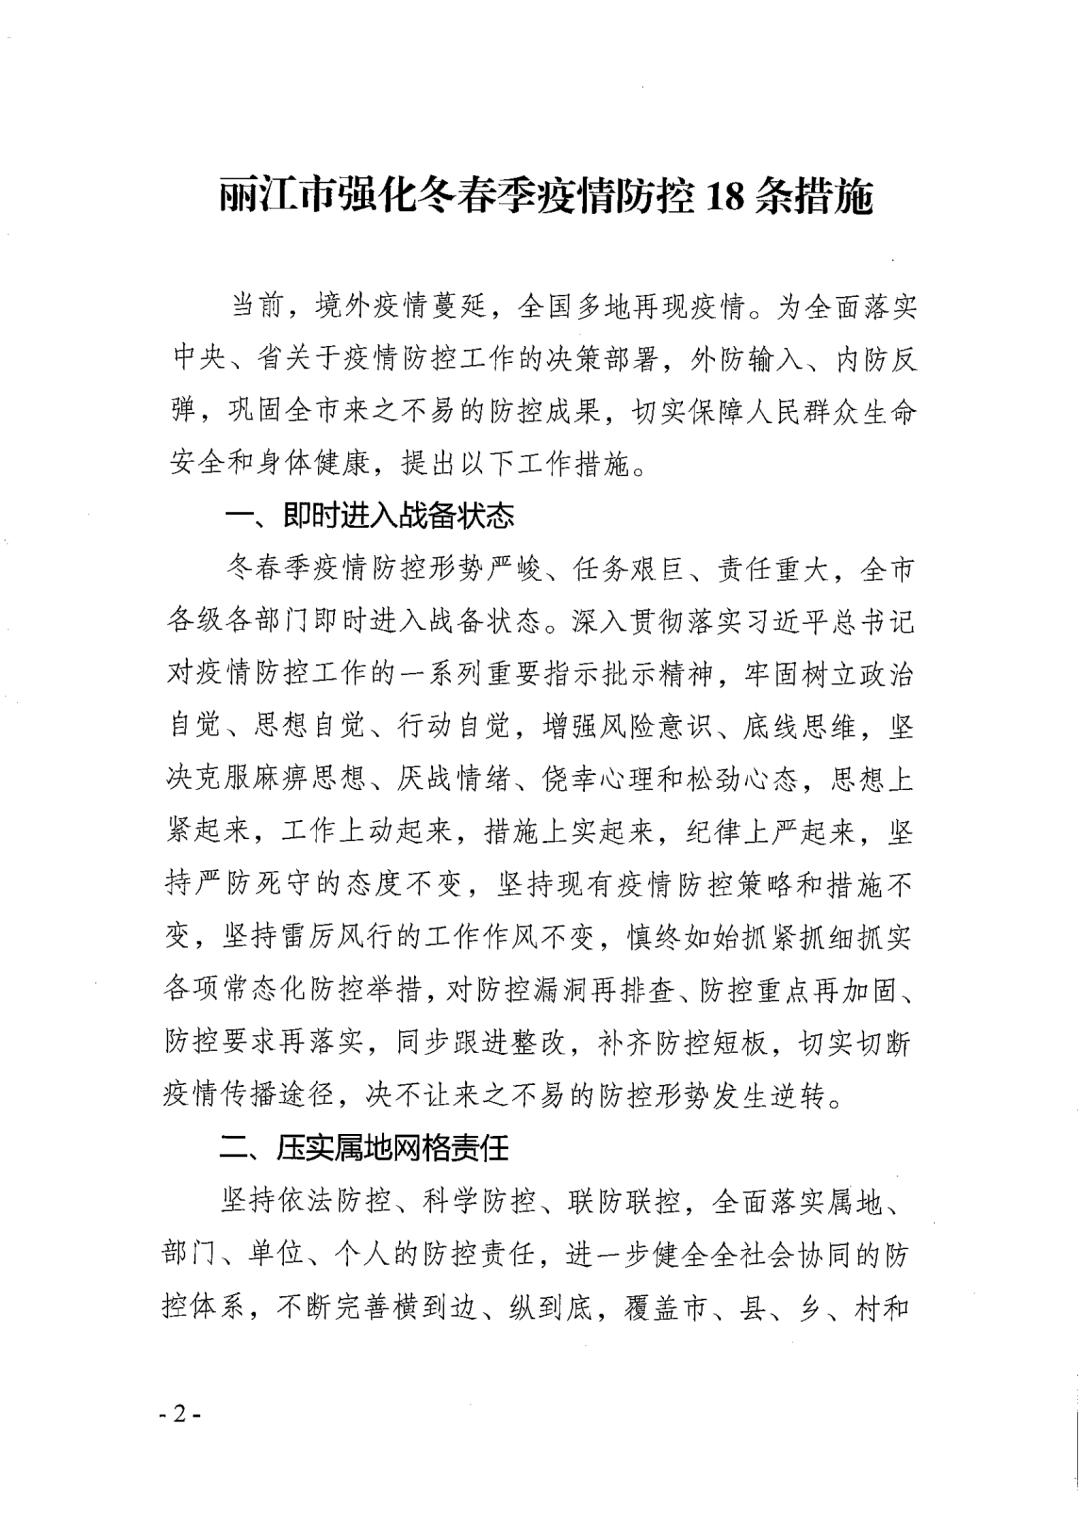 即时进入战备状态!丽江发布18条疫情防控措施,请遵守!